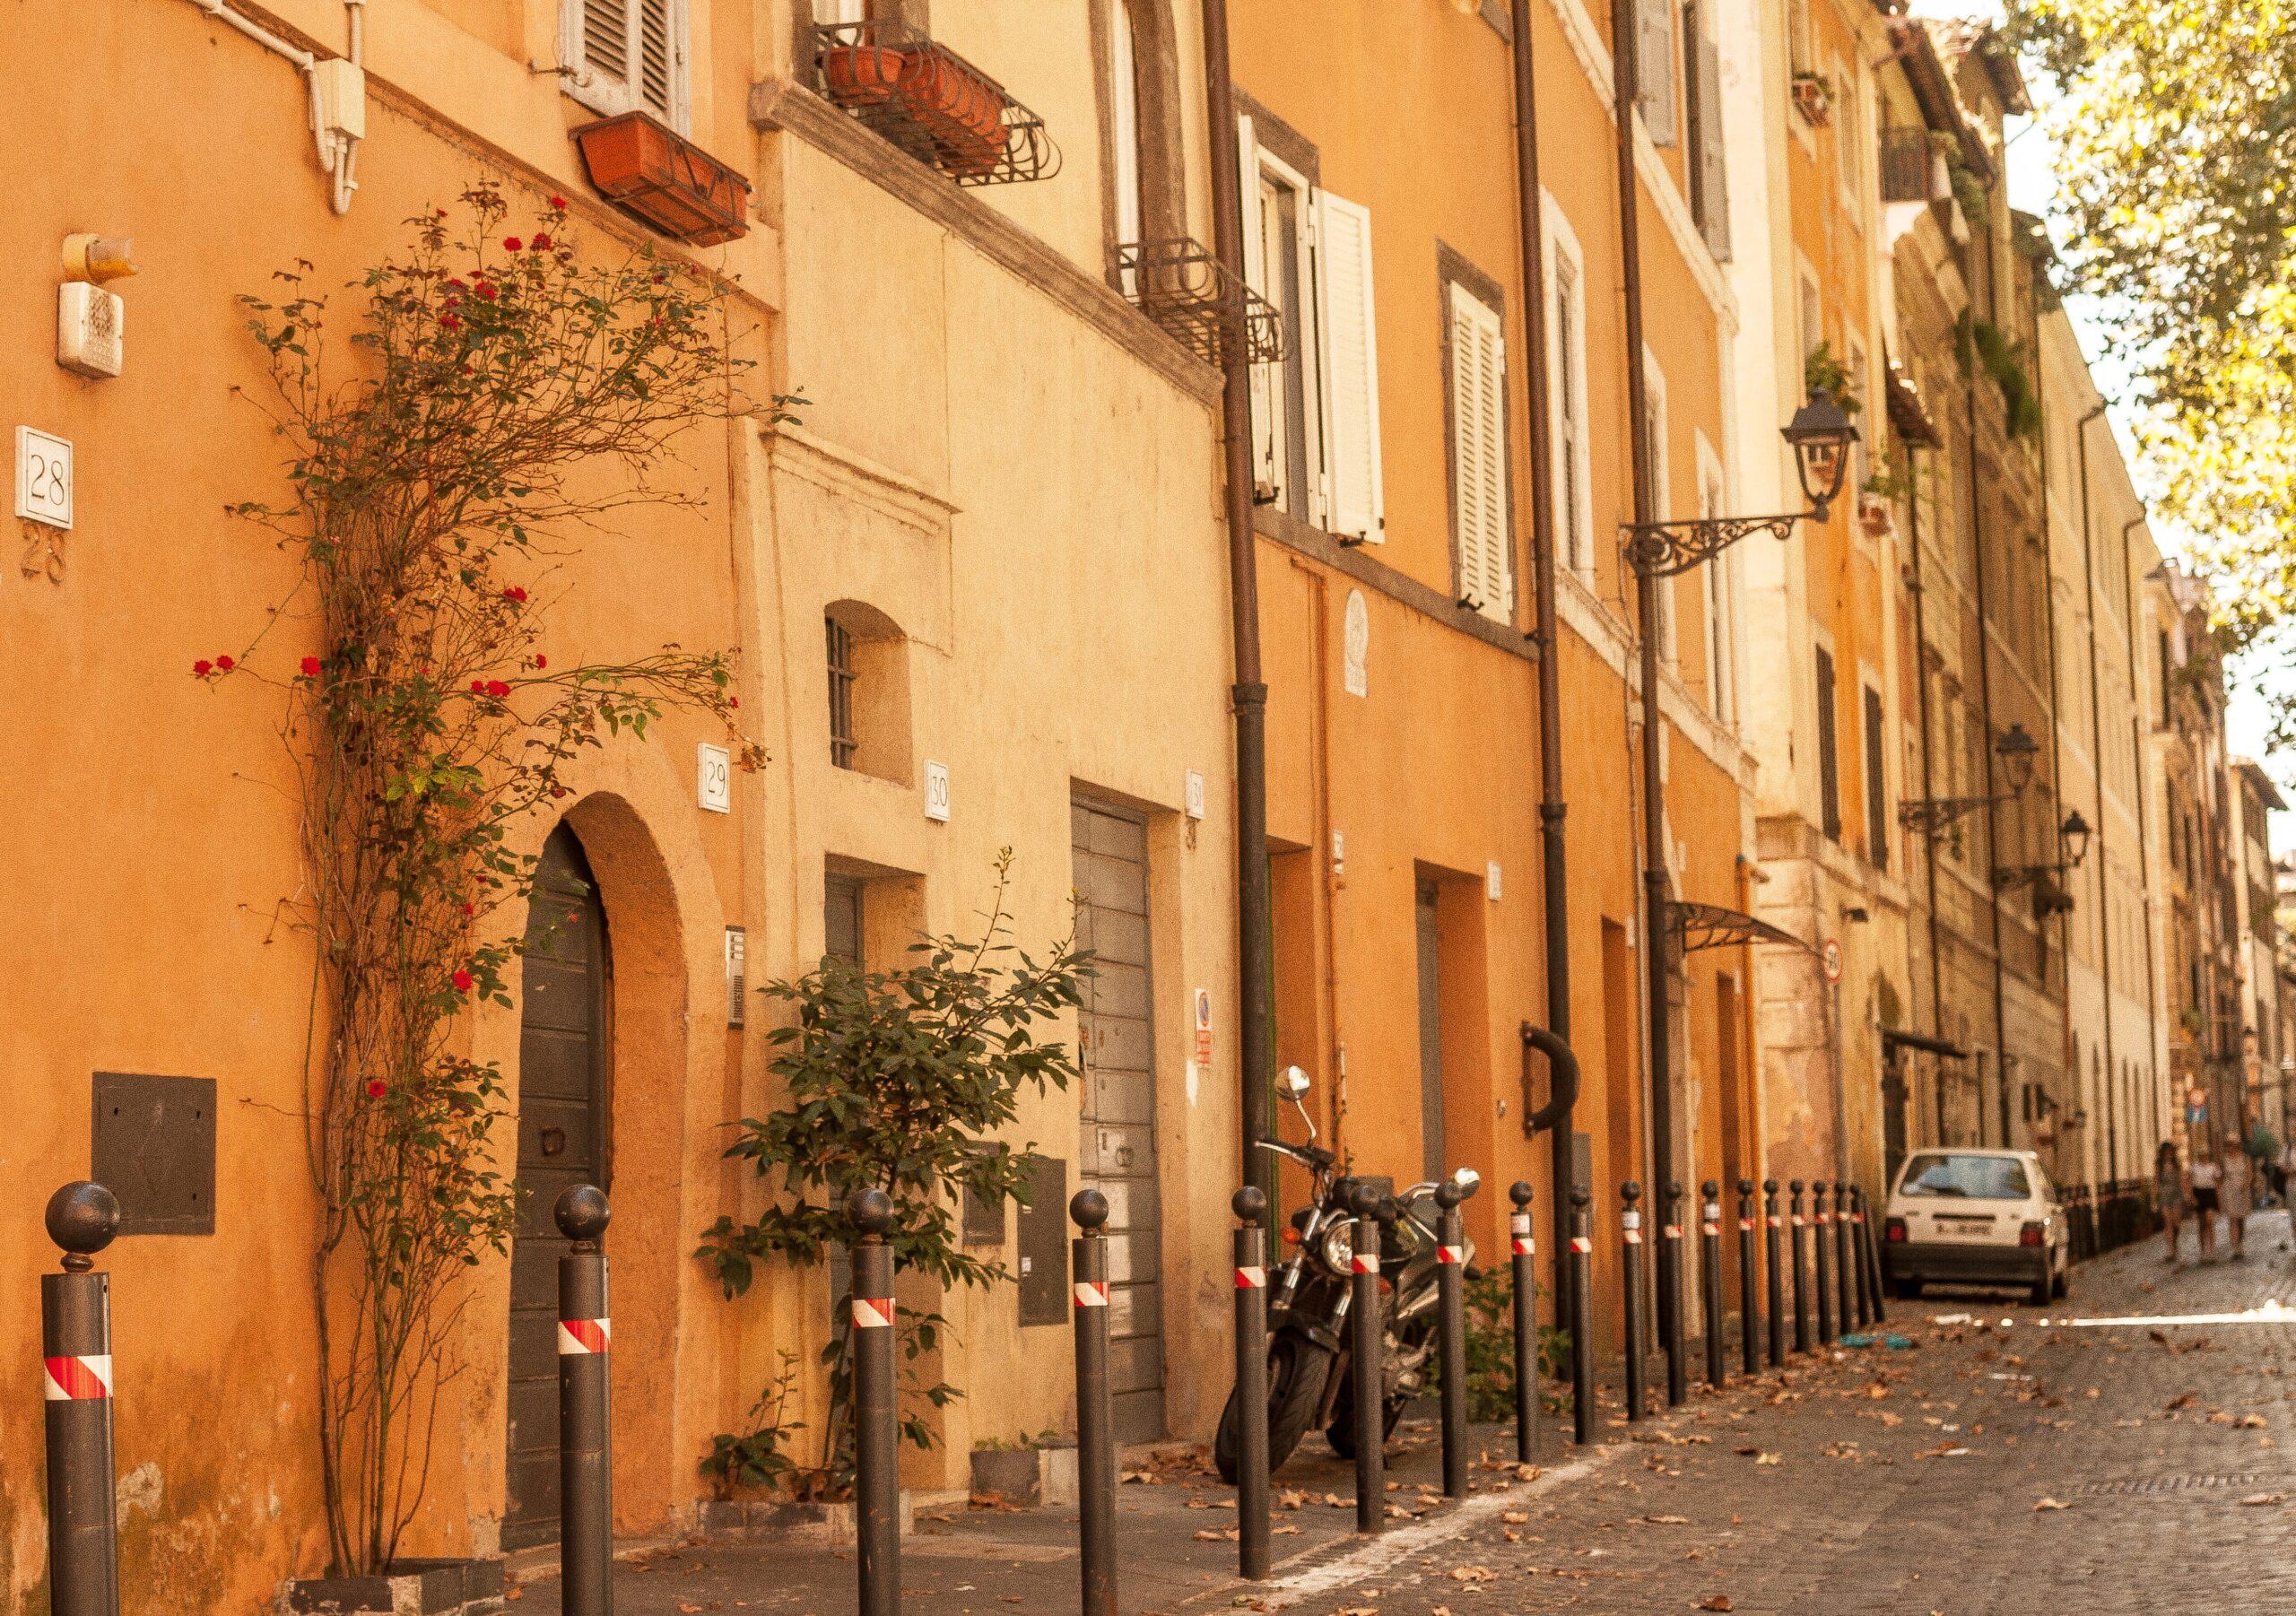 luoghi particolari da vedere a Roma